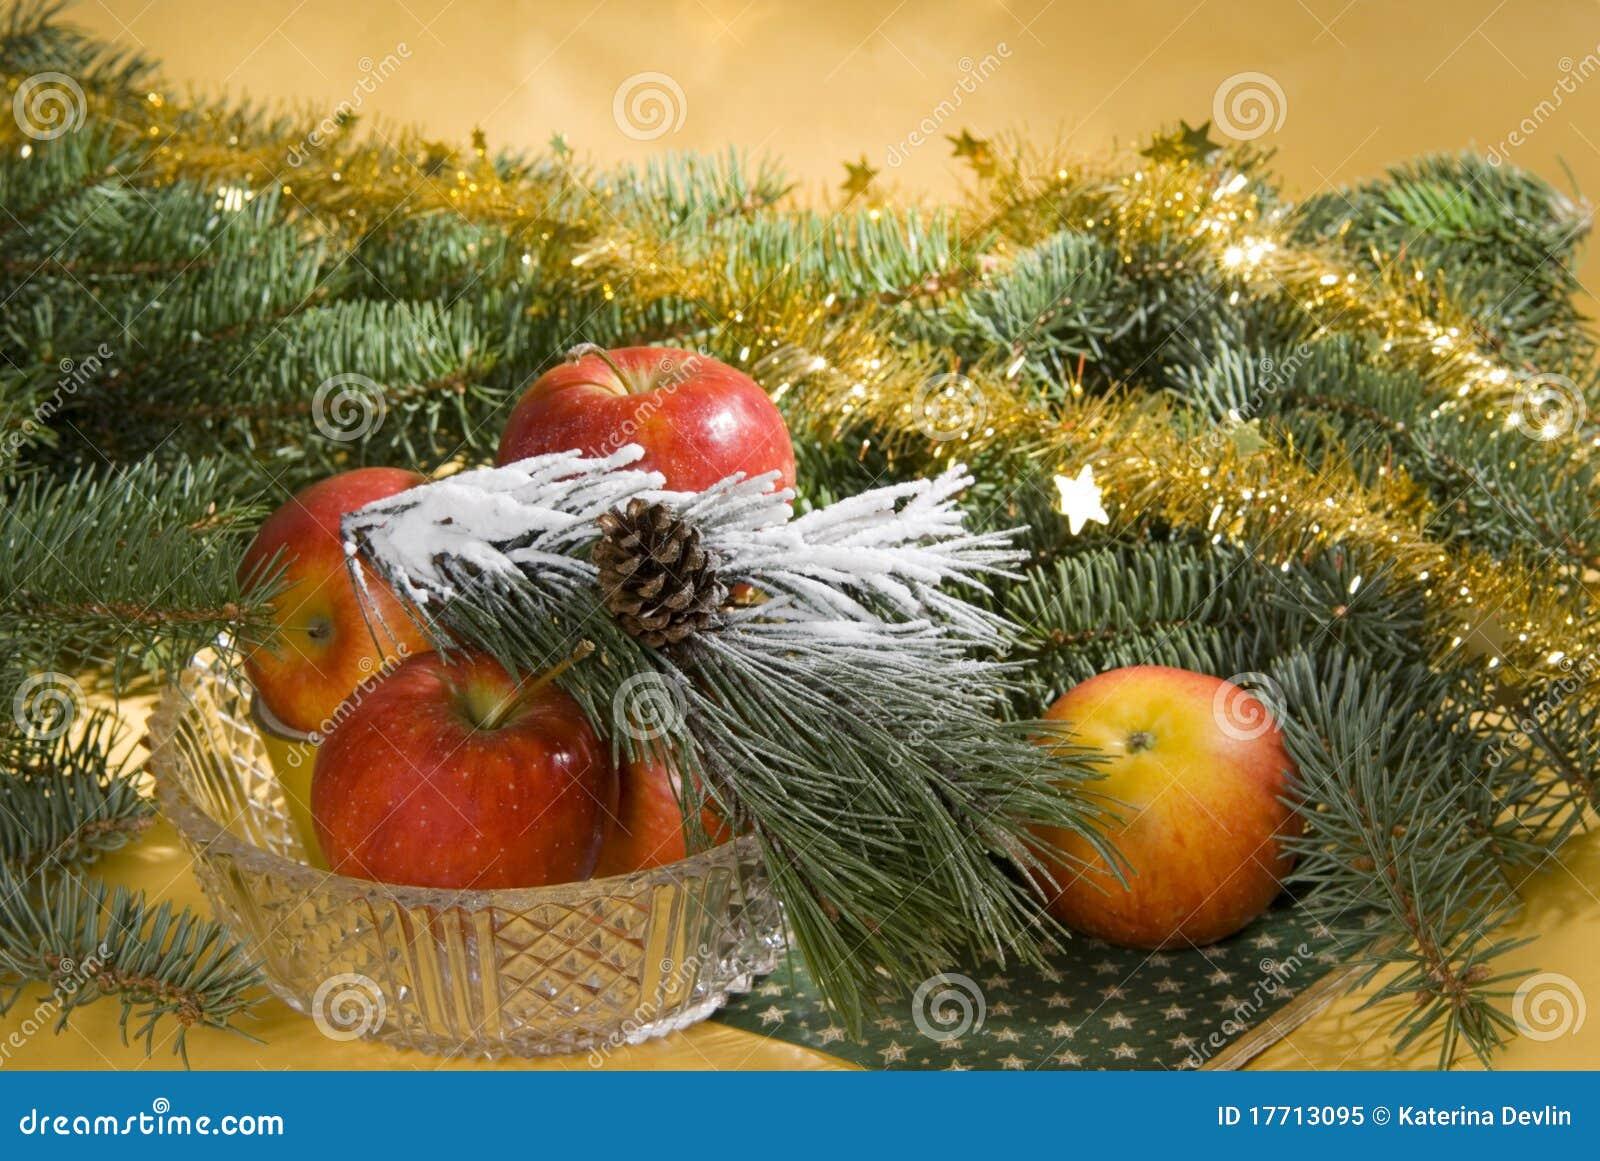 Wciąż Bożego Narodzenia życie